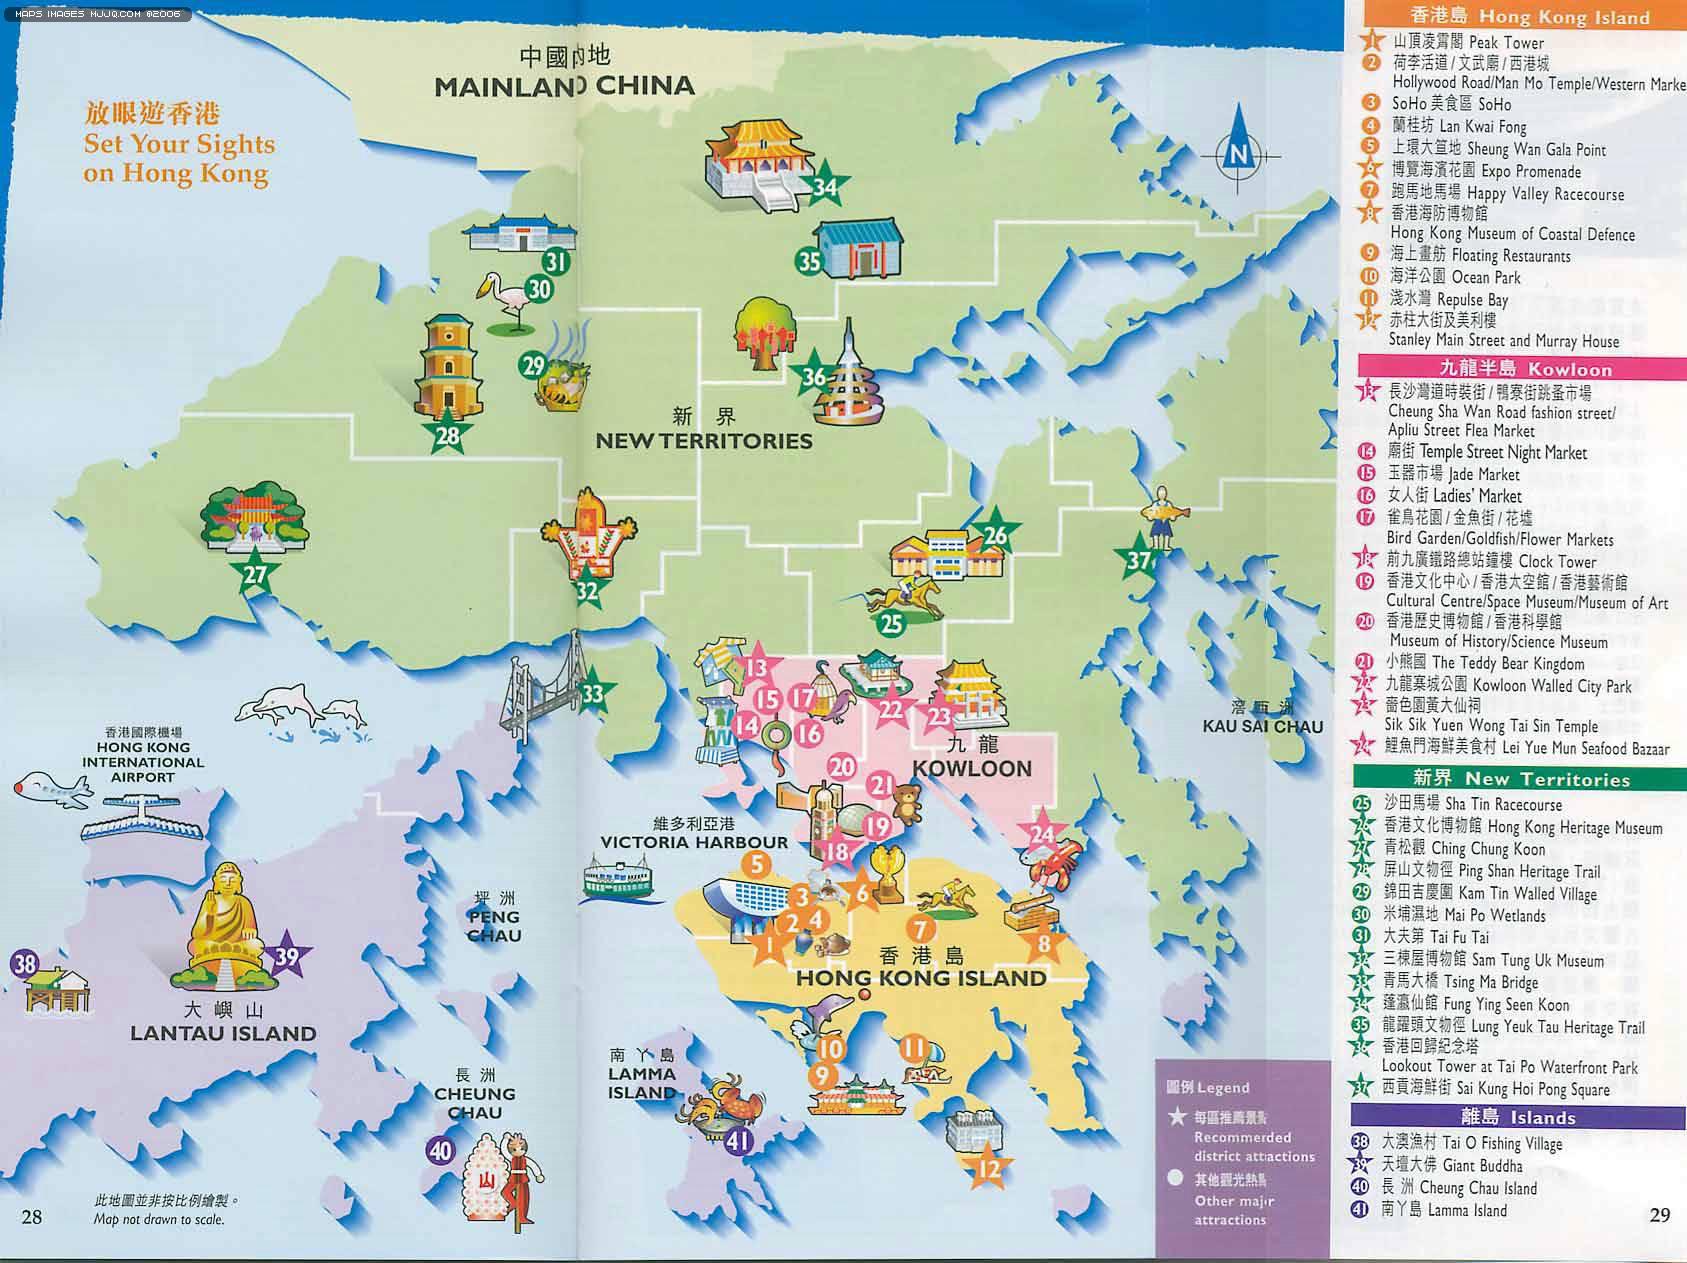 香港旅游景点地图高清【相关词_ 香港旅游景点地图】